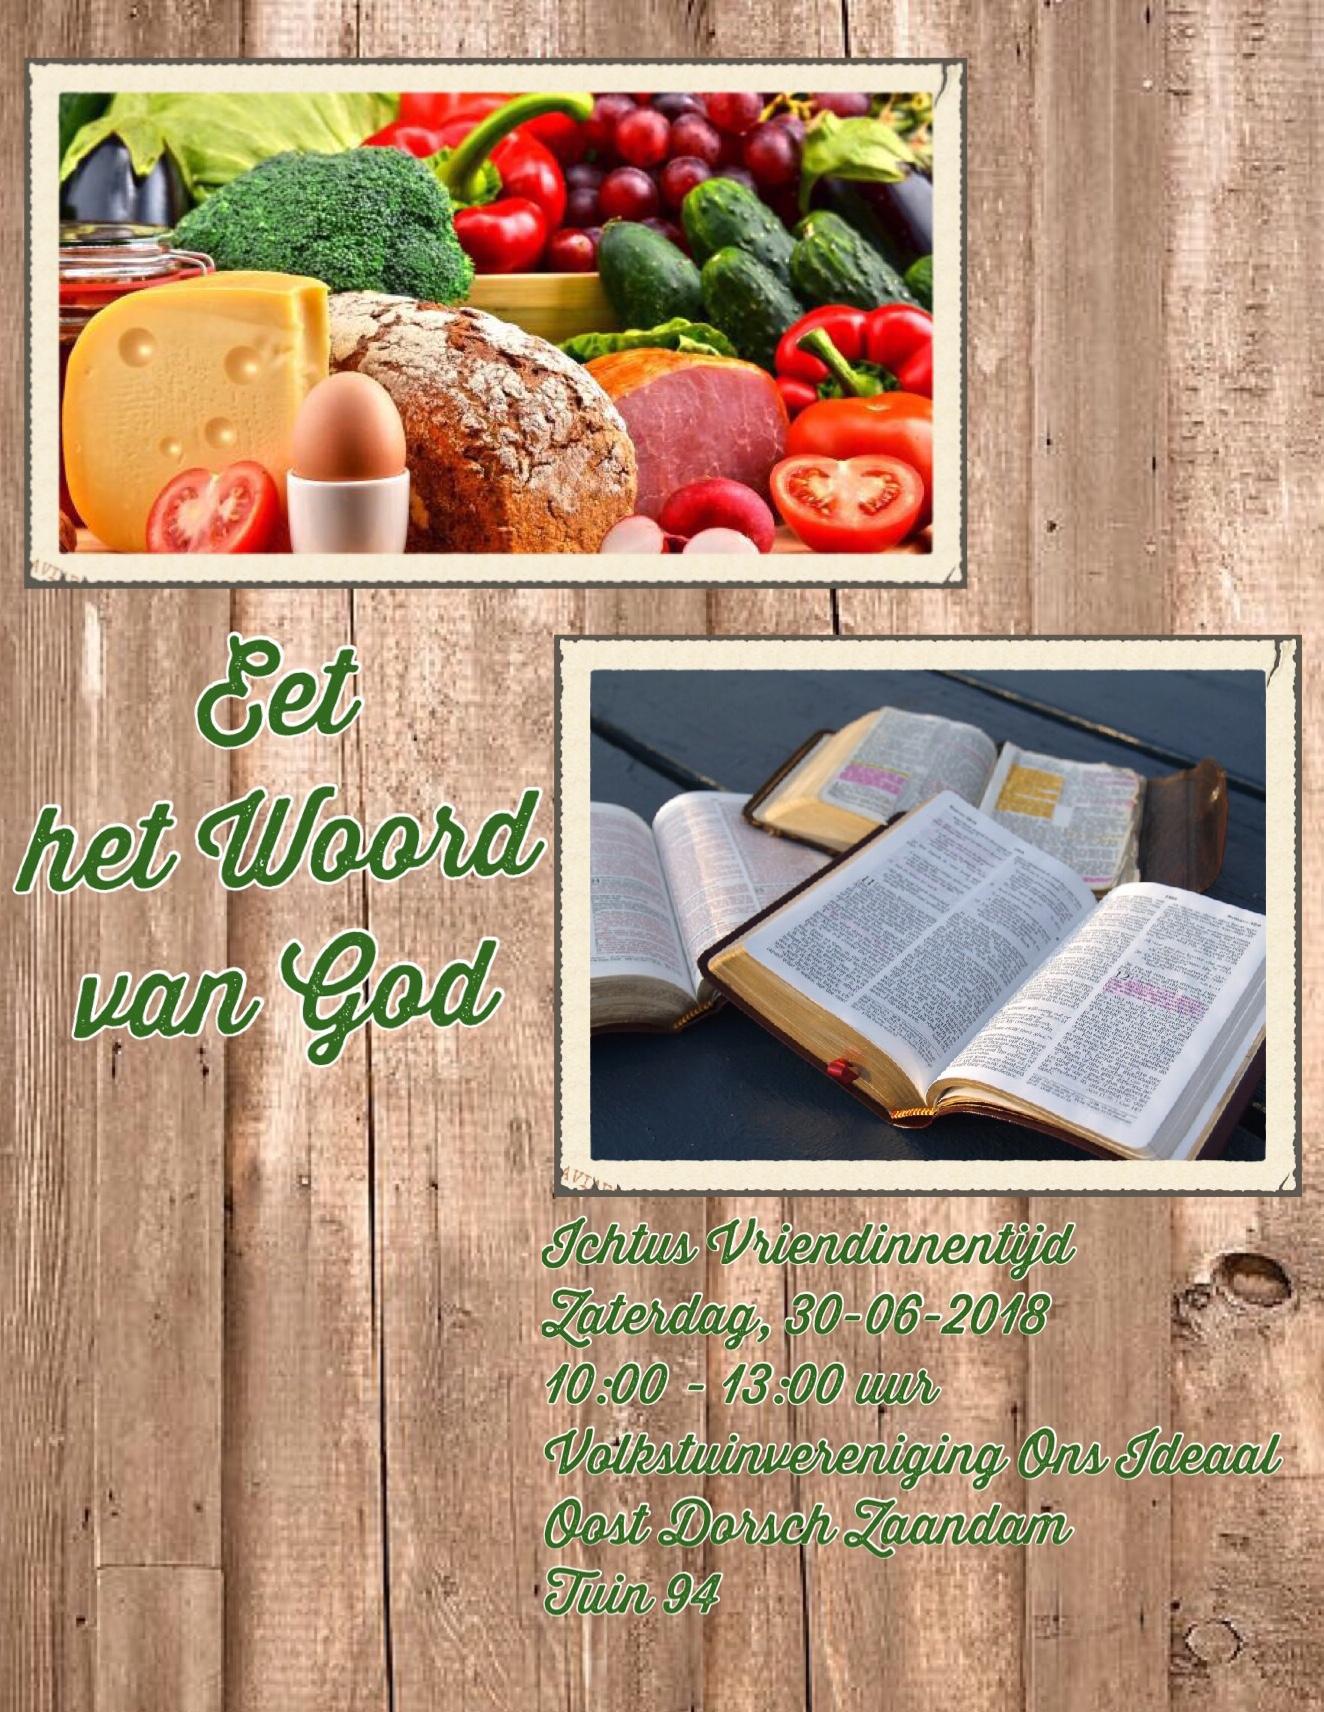 Ichtus Vriendinnentijd Eet Het Woord Van God 30 juni 2018[1875]